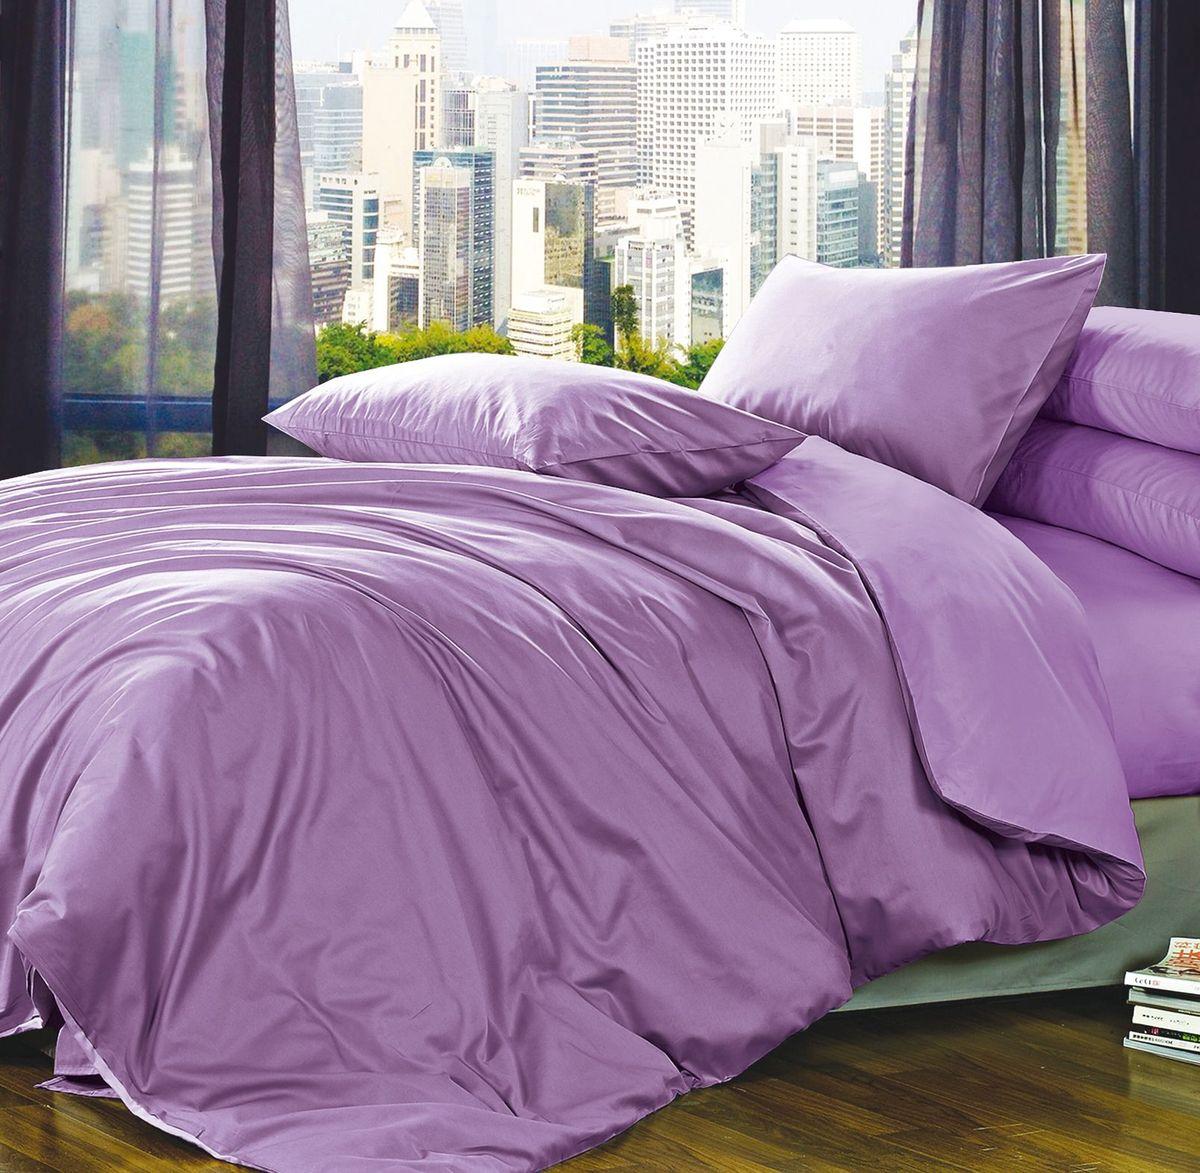 Комплект белья Коллекция Фиолетовый, 2,5-спальный, наволочки 70x70. ПС2.5/70/ОЗ/фПС2.5/70/ОЗ/ф